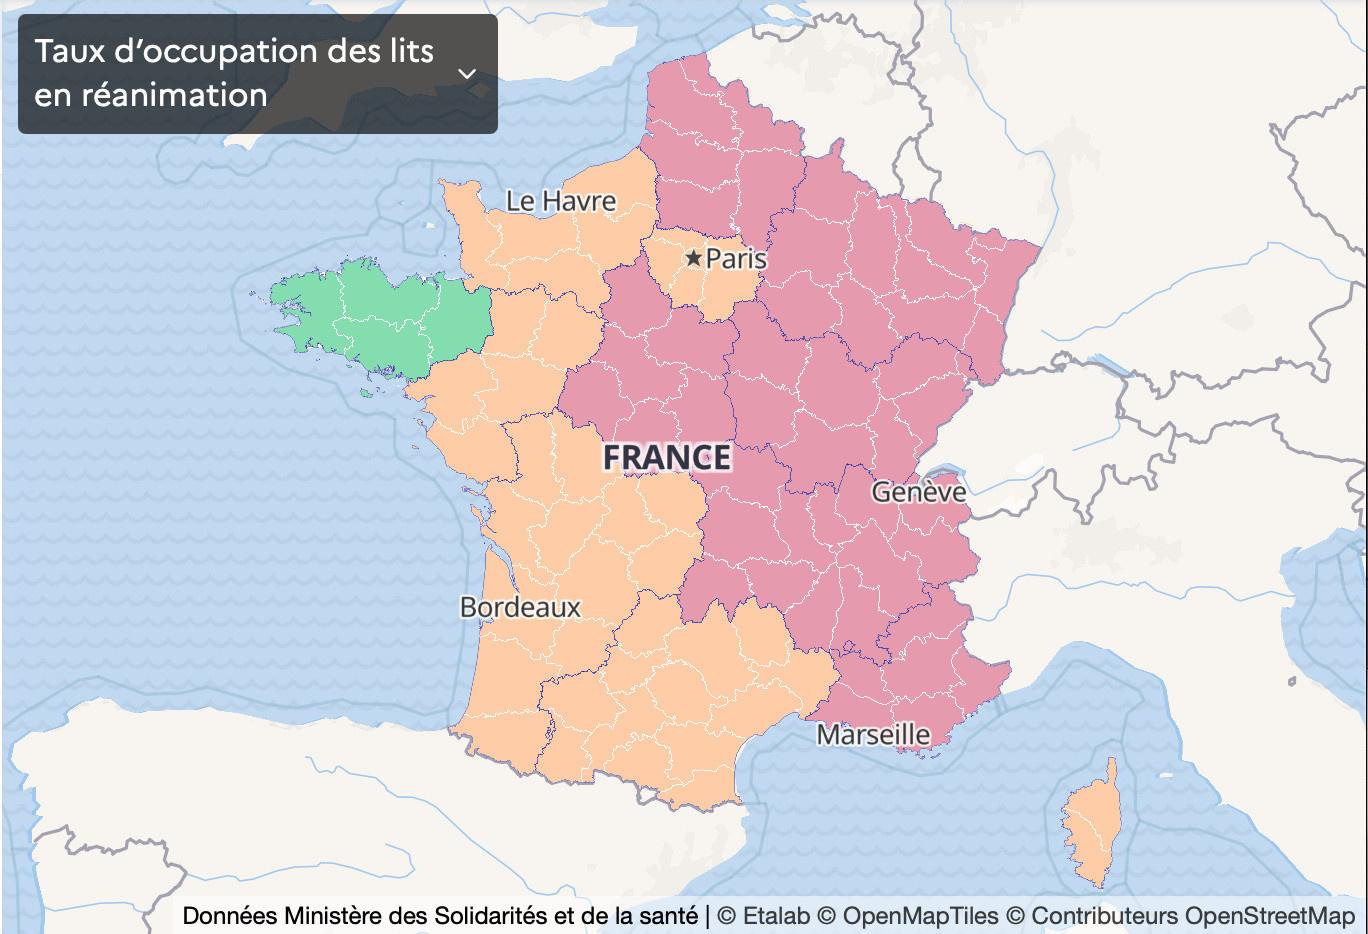 Carte De France Coronavirus Les Departements En Couvre Feu A 18h Et La Saturation Des Hopitaux Par Region Sortiraparis Com